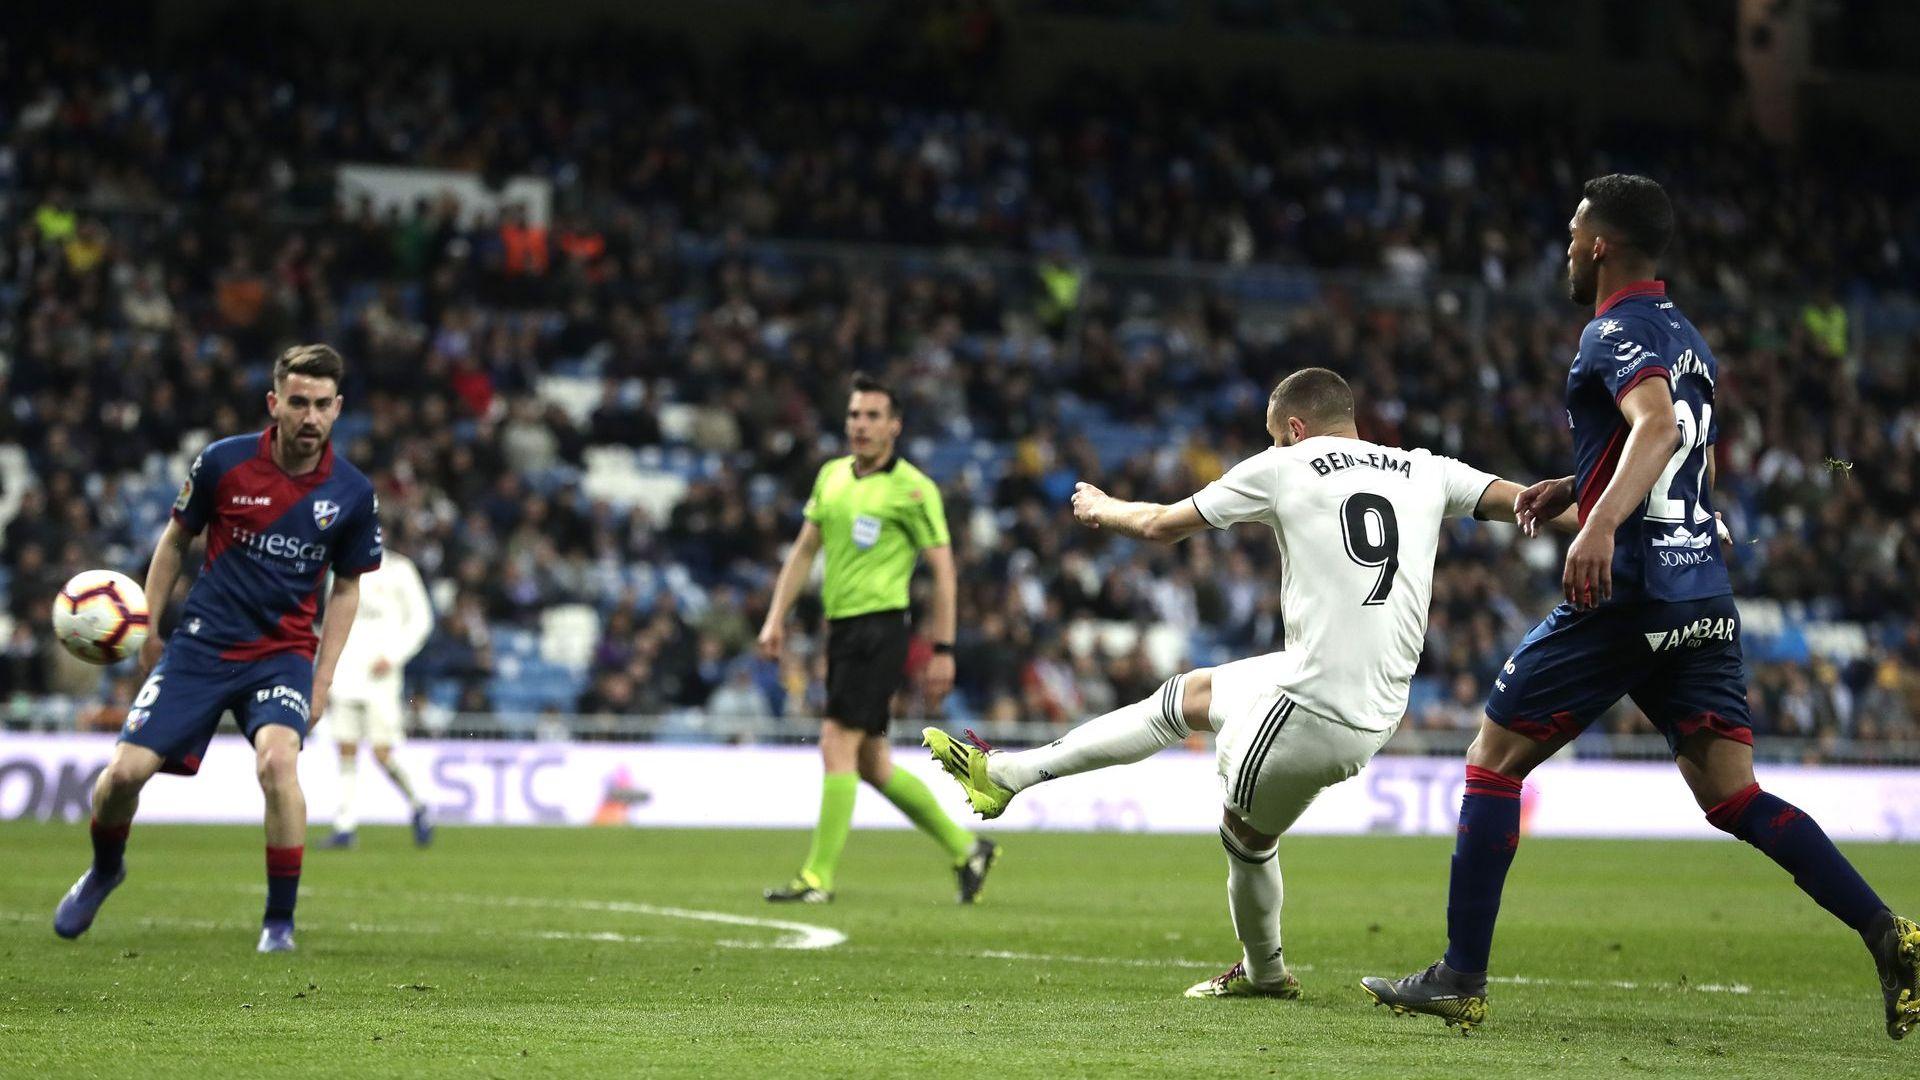 Късен гол спаси Реал от срамен резултат